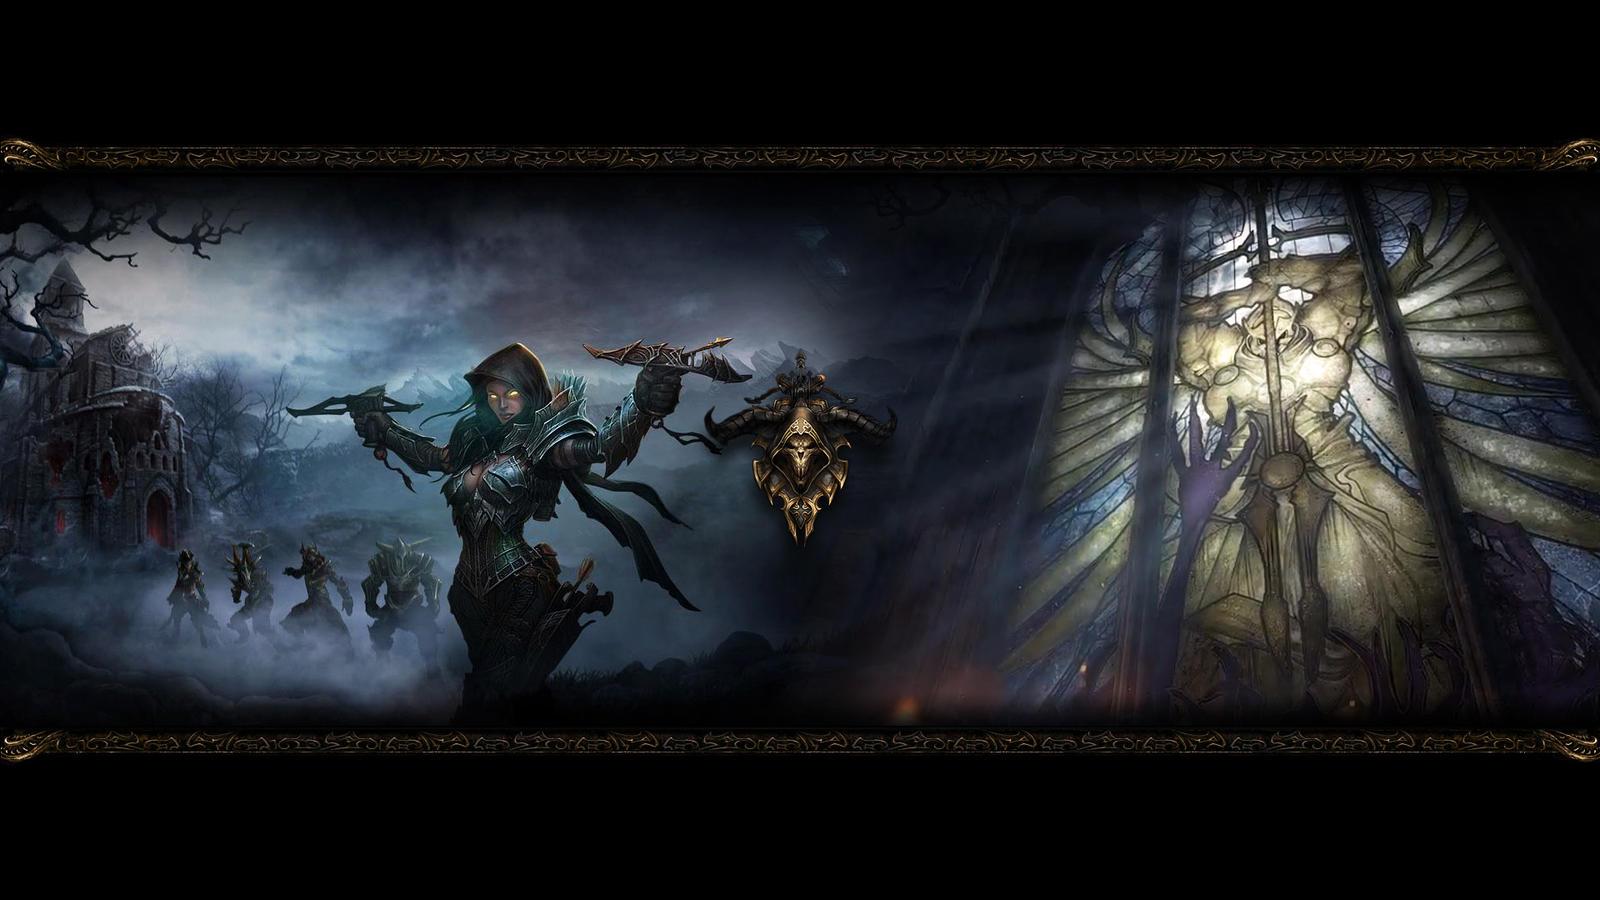 Diablo III Wallpaper Demon Hunter By SyntaxError255